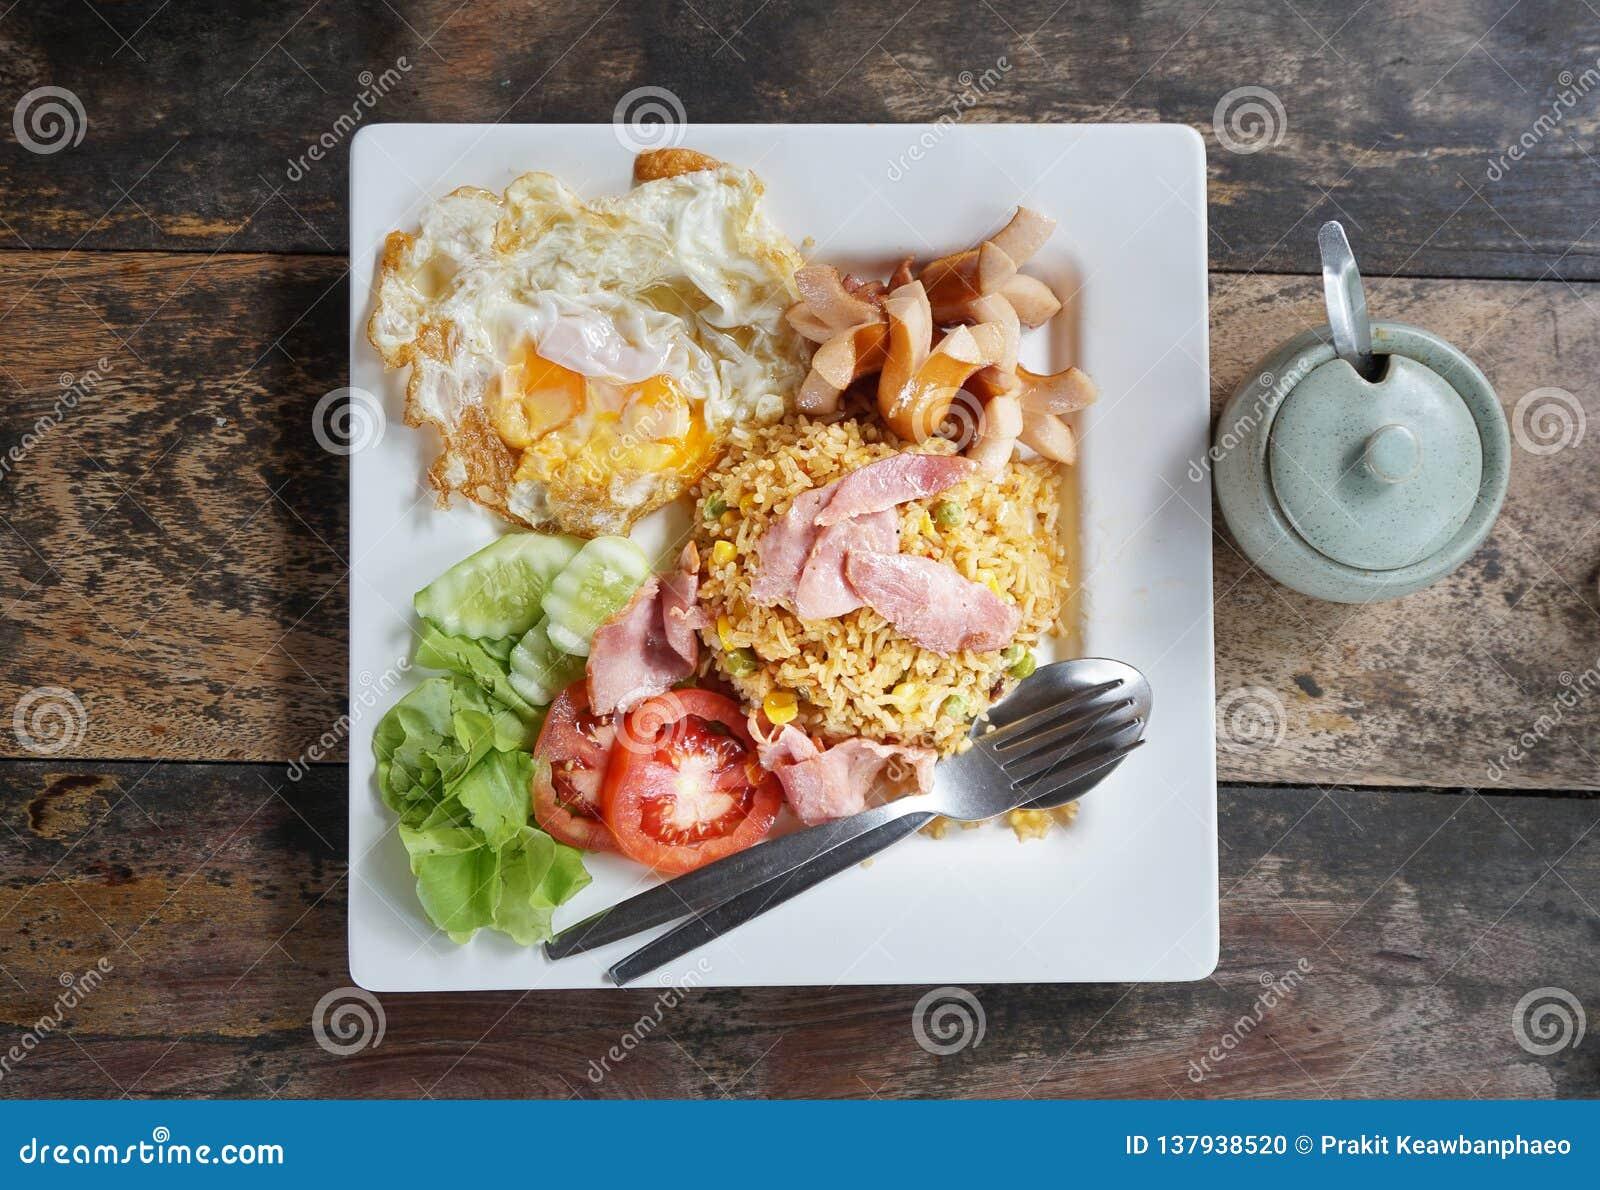 Amerikansk stekt rice är en thailändsk maträtt för stekte ris med 'amerikanska 'sidoingredienser som stekt kyckling, skinka, varm